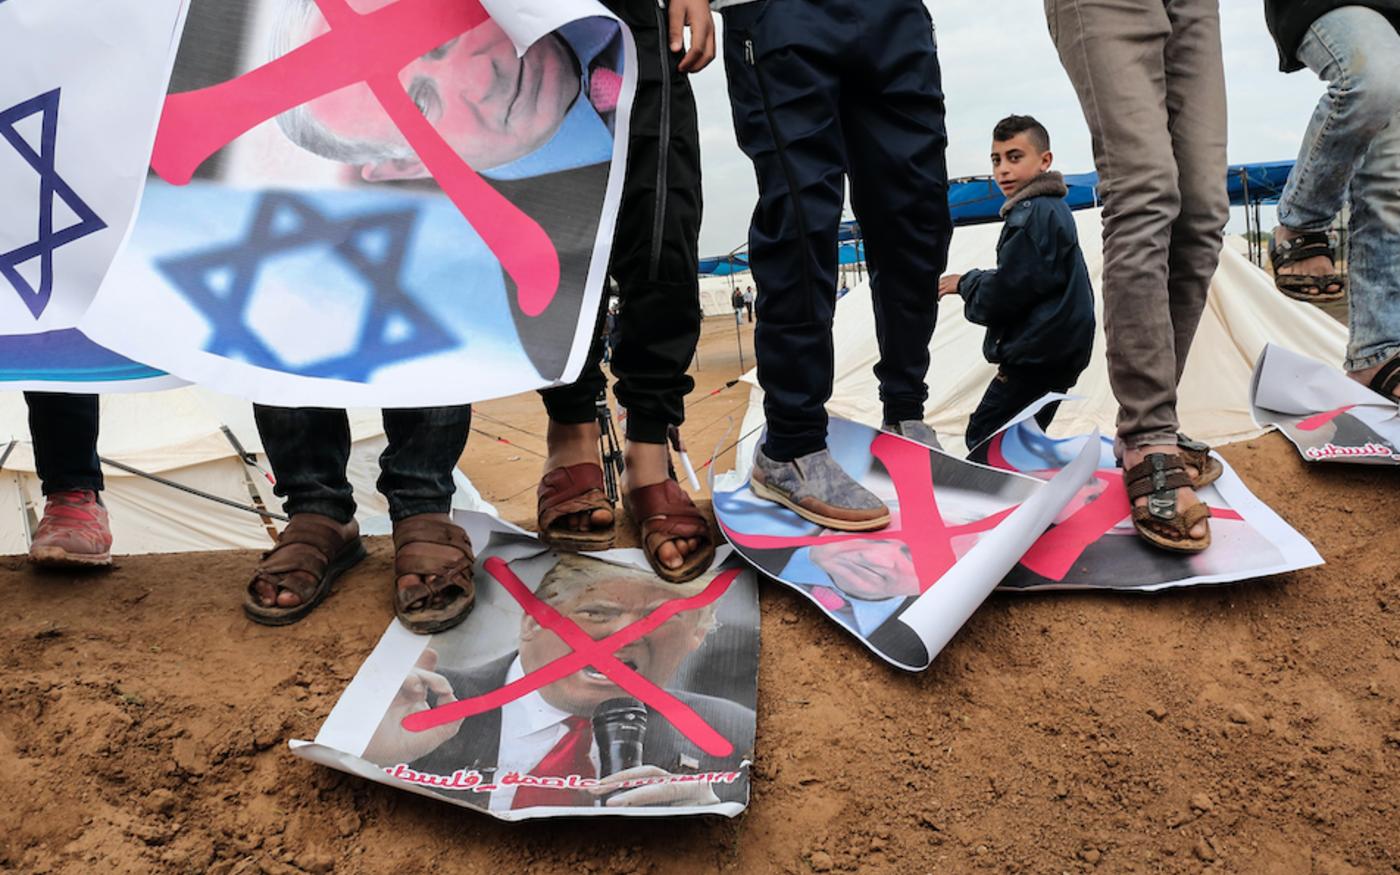 Des Palestiniens marchent sur des affiches représentant le premier ministre israélien Benjamin Netanyahu et le président américain Donald Trump, lors d'une manifestation, à Gaza, le 30 mars 2018 (AFP)